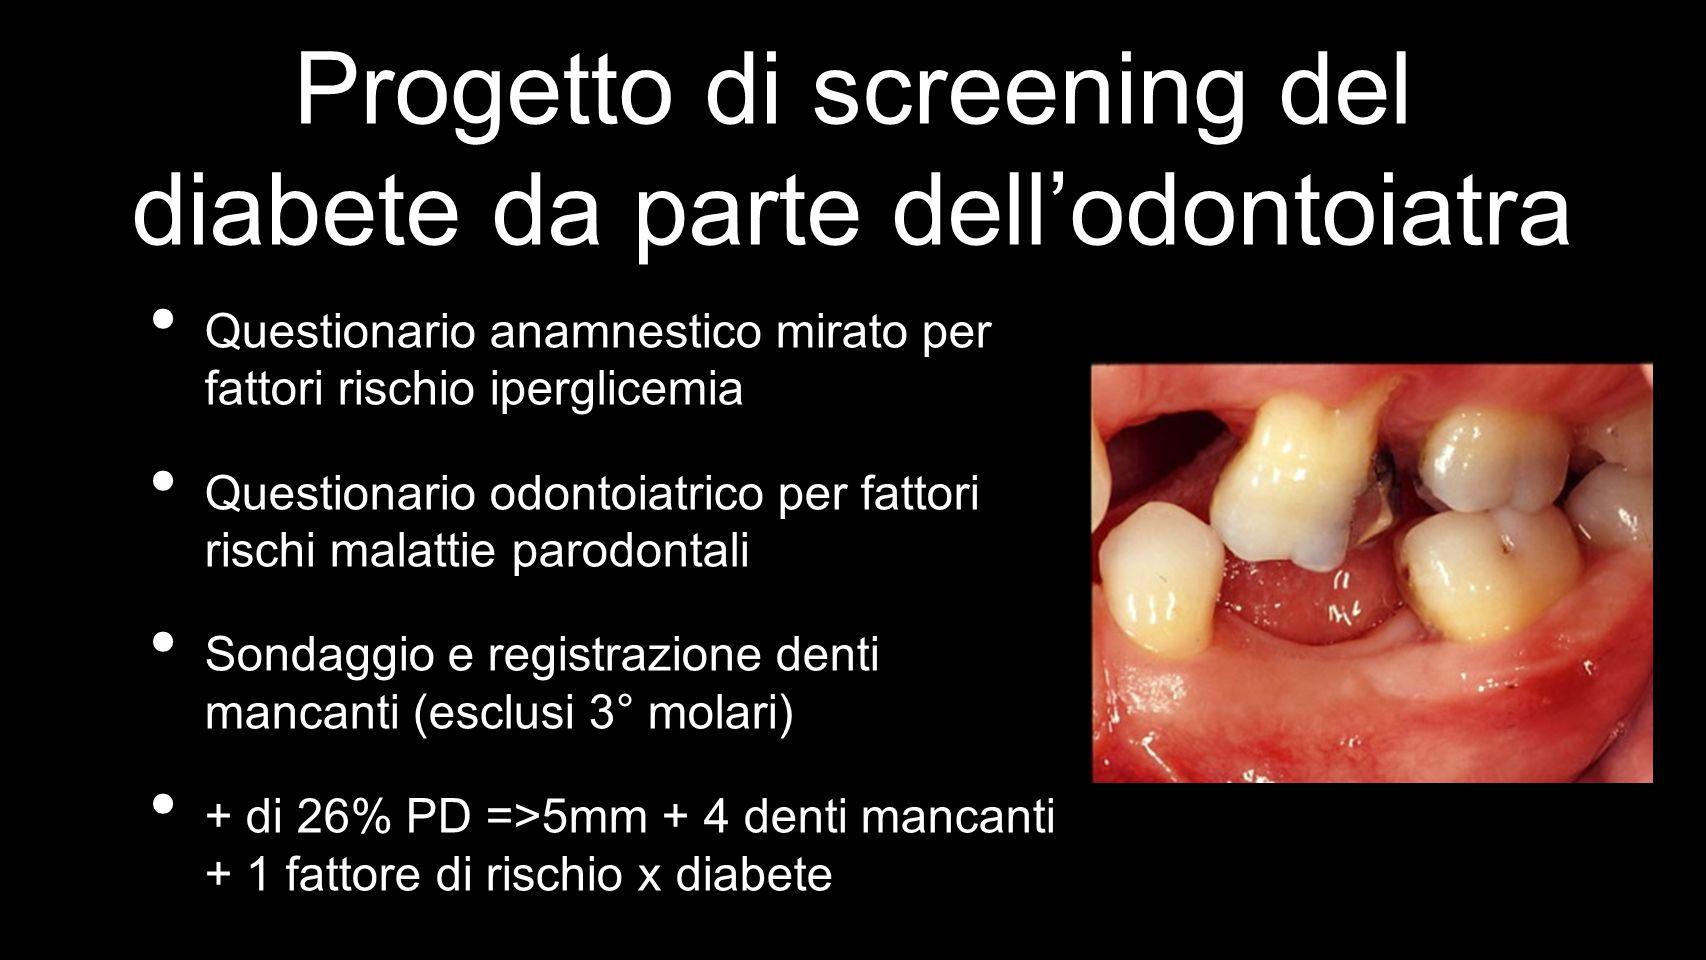 Progetto di screening del diabete da parte dellodontoiatra Questionario anamnestico mirato per fattori rischio iperglicemia Questionario odontoiatrico